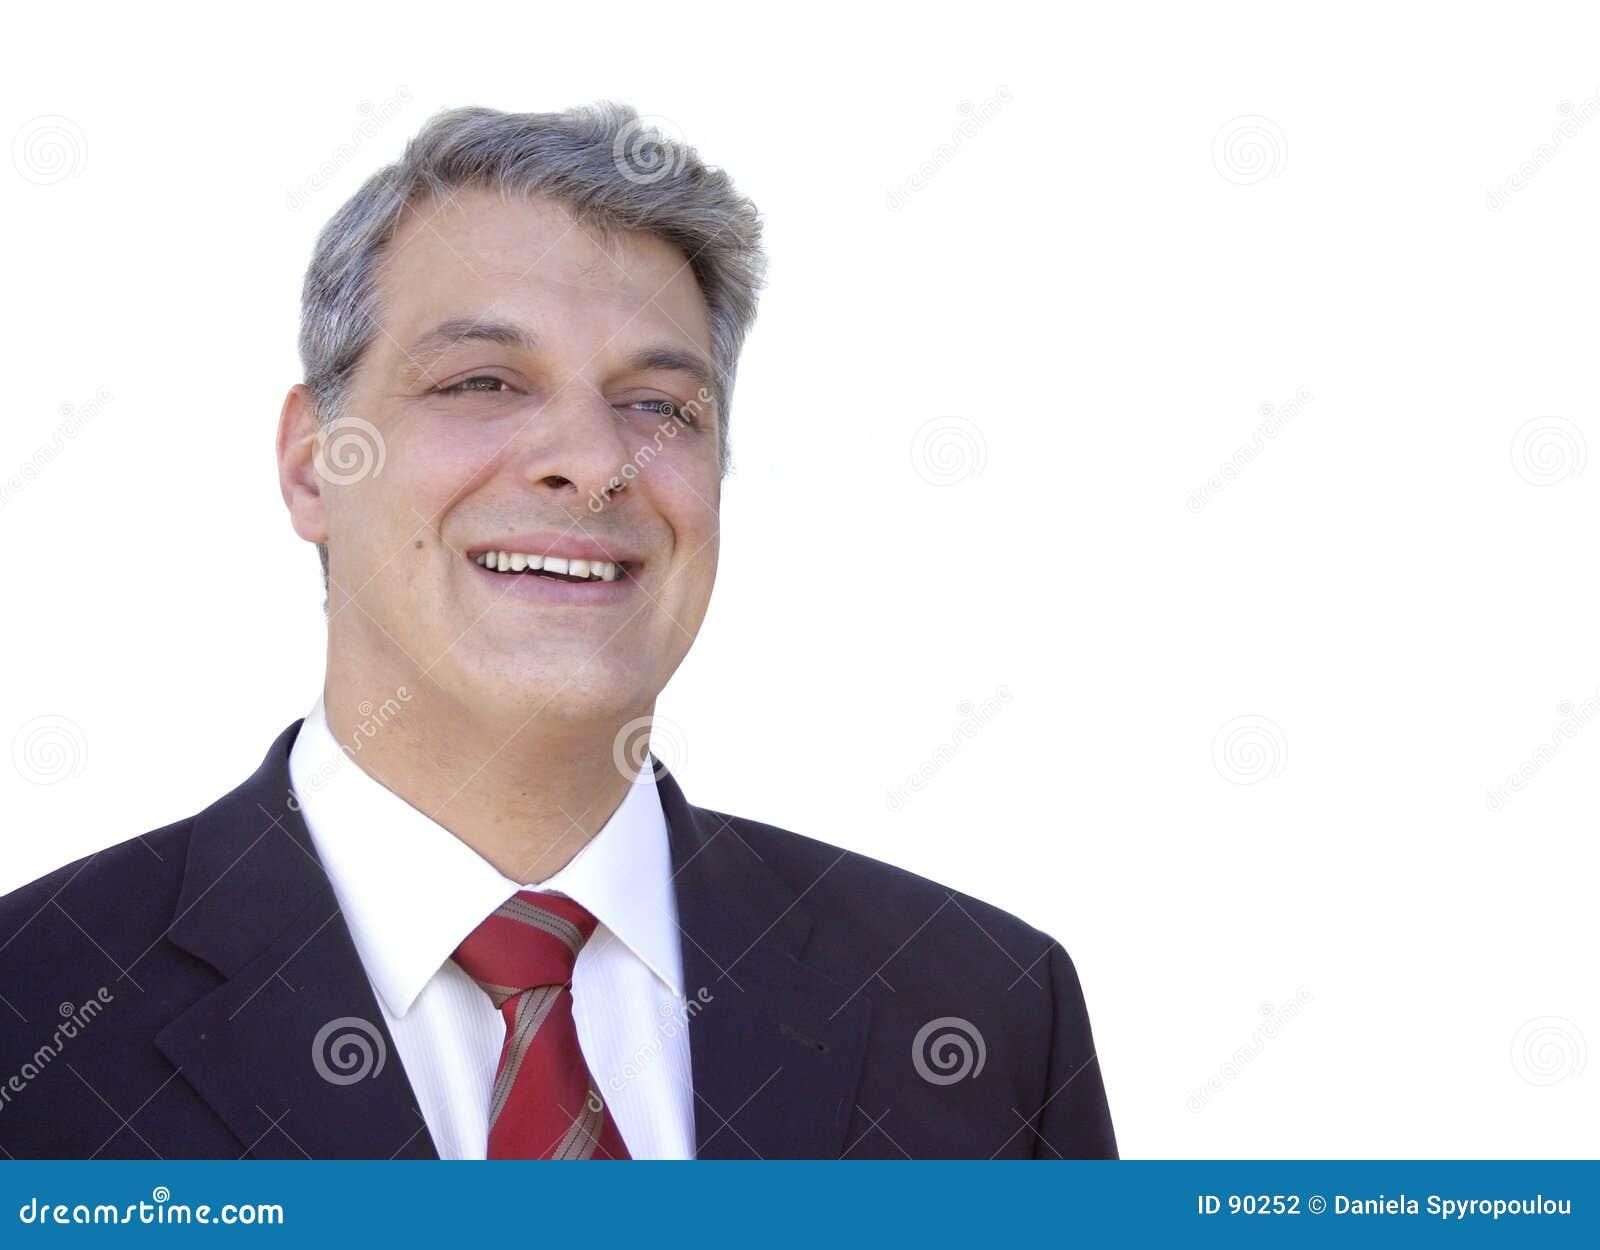 Download Biznesmena uśmiecha się zdjęcie stock. Obraz złożonej z kierownictwo - 90252